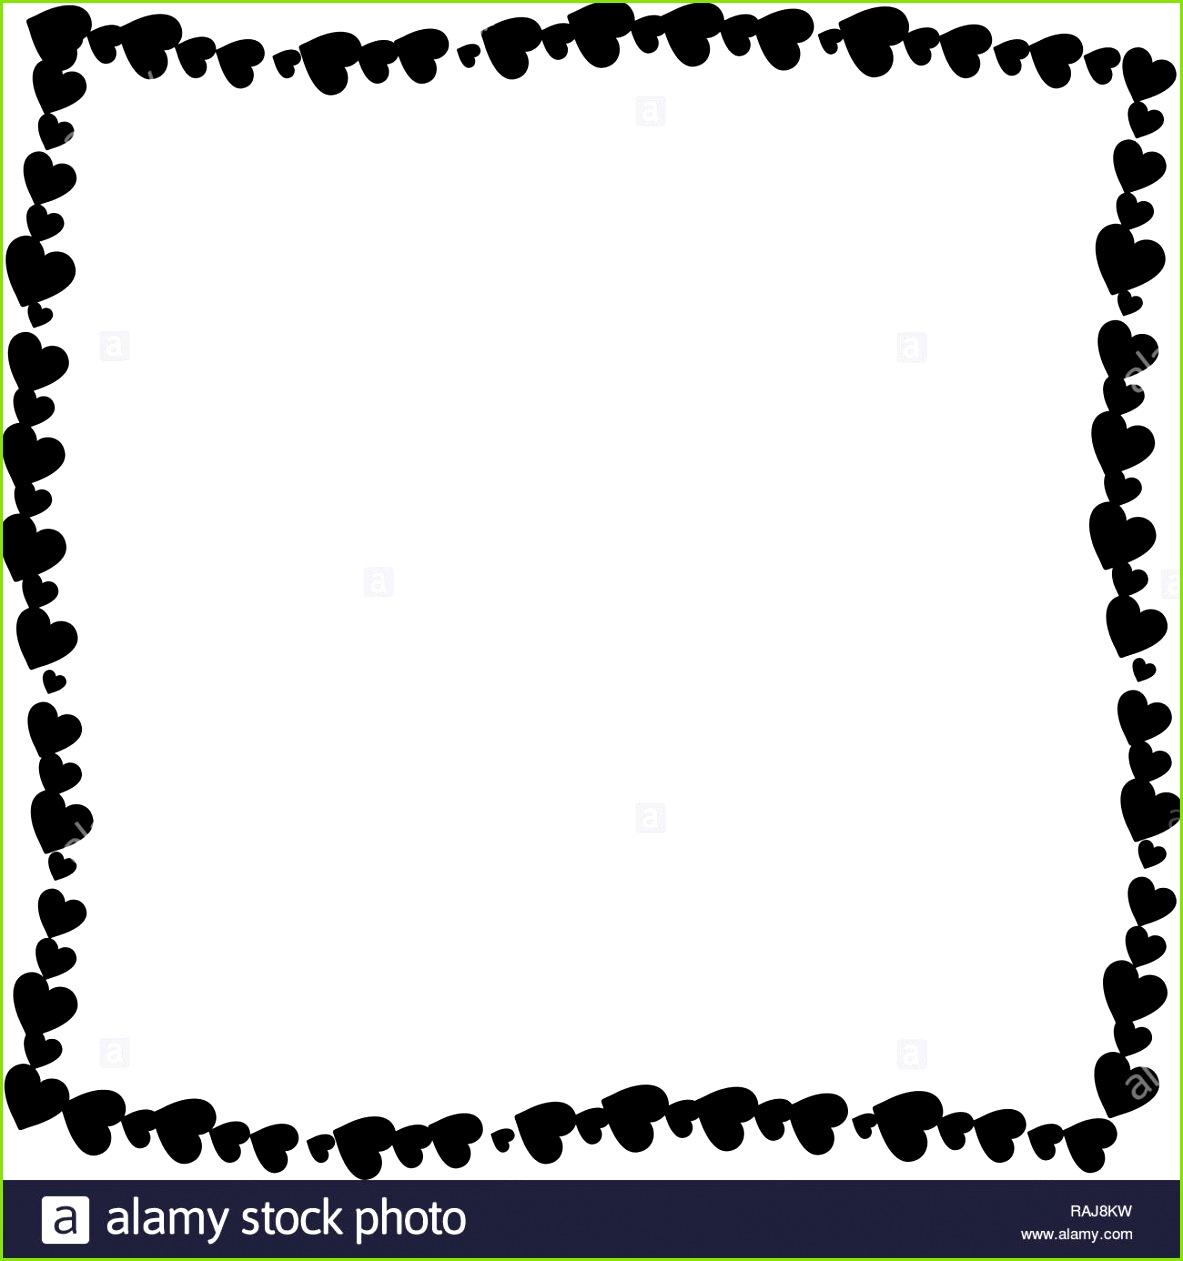 Liebe twisted Rahmen aus Cartoon schwarz unterschiedlich großen Herzen auf weißem Hintergrund Cute Valentines oder